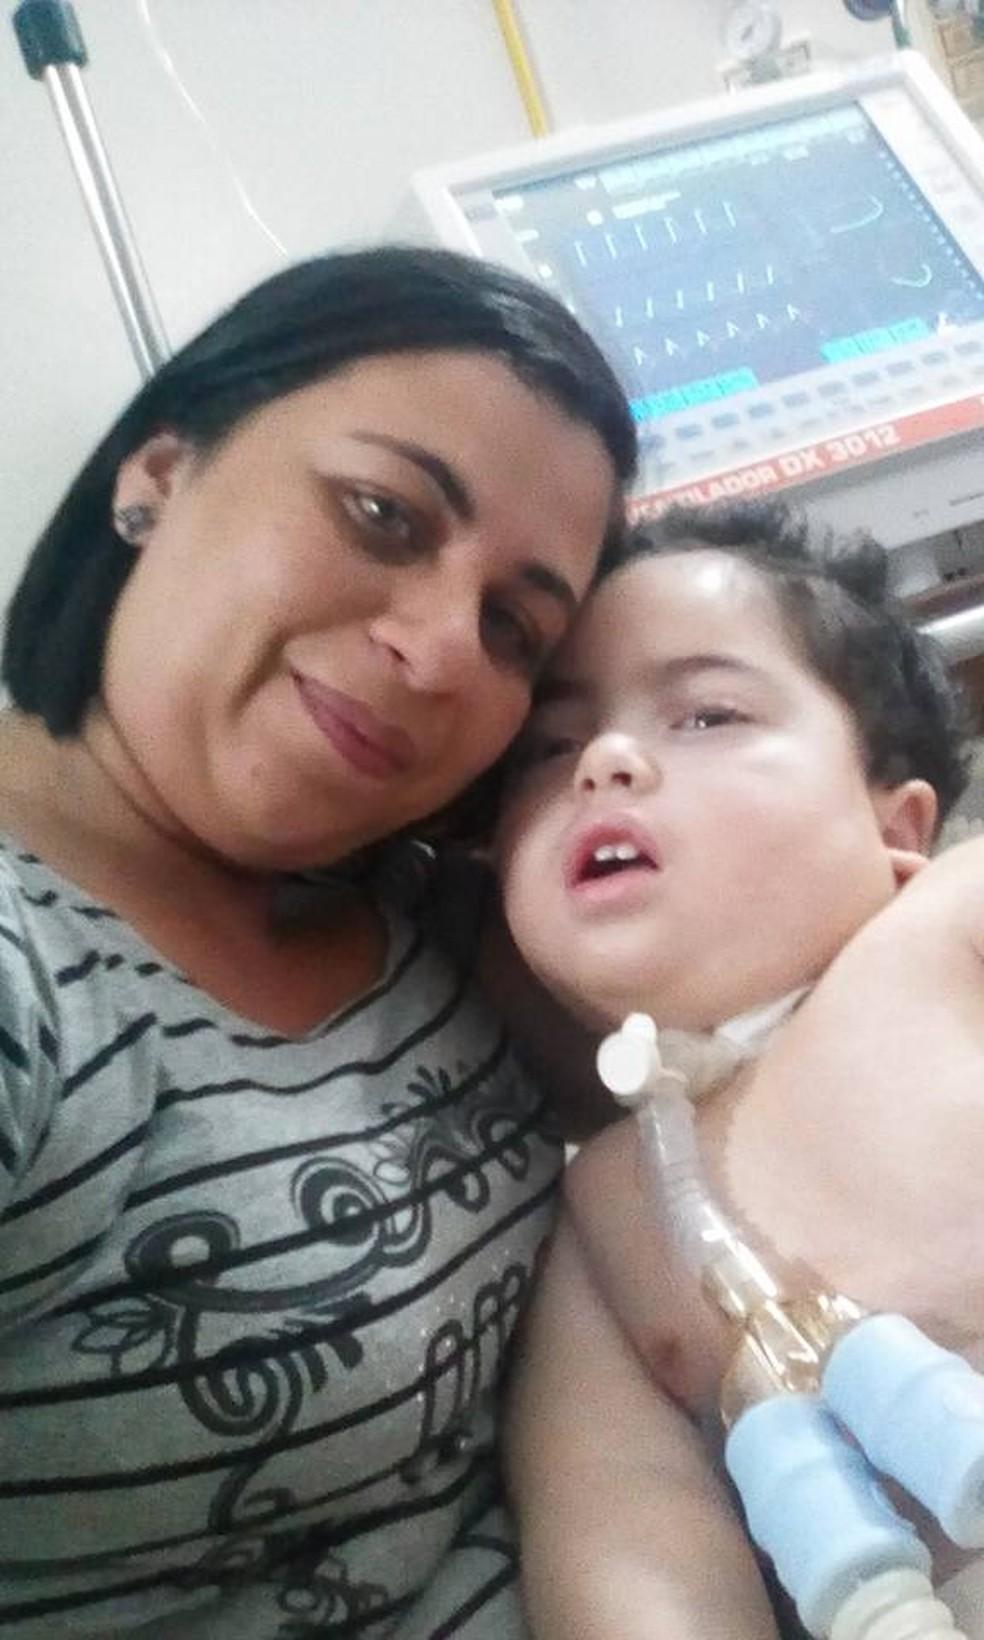 Mãe organiza vaquinha na internet para arrecadar dinheiro para enterrar o filho de 2 anos, morto há uma semana no DF (Foto: Arquivo pessoal)